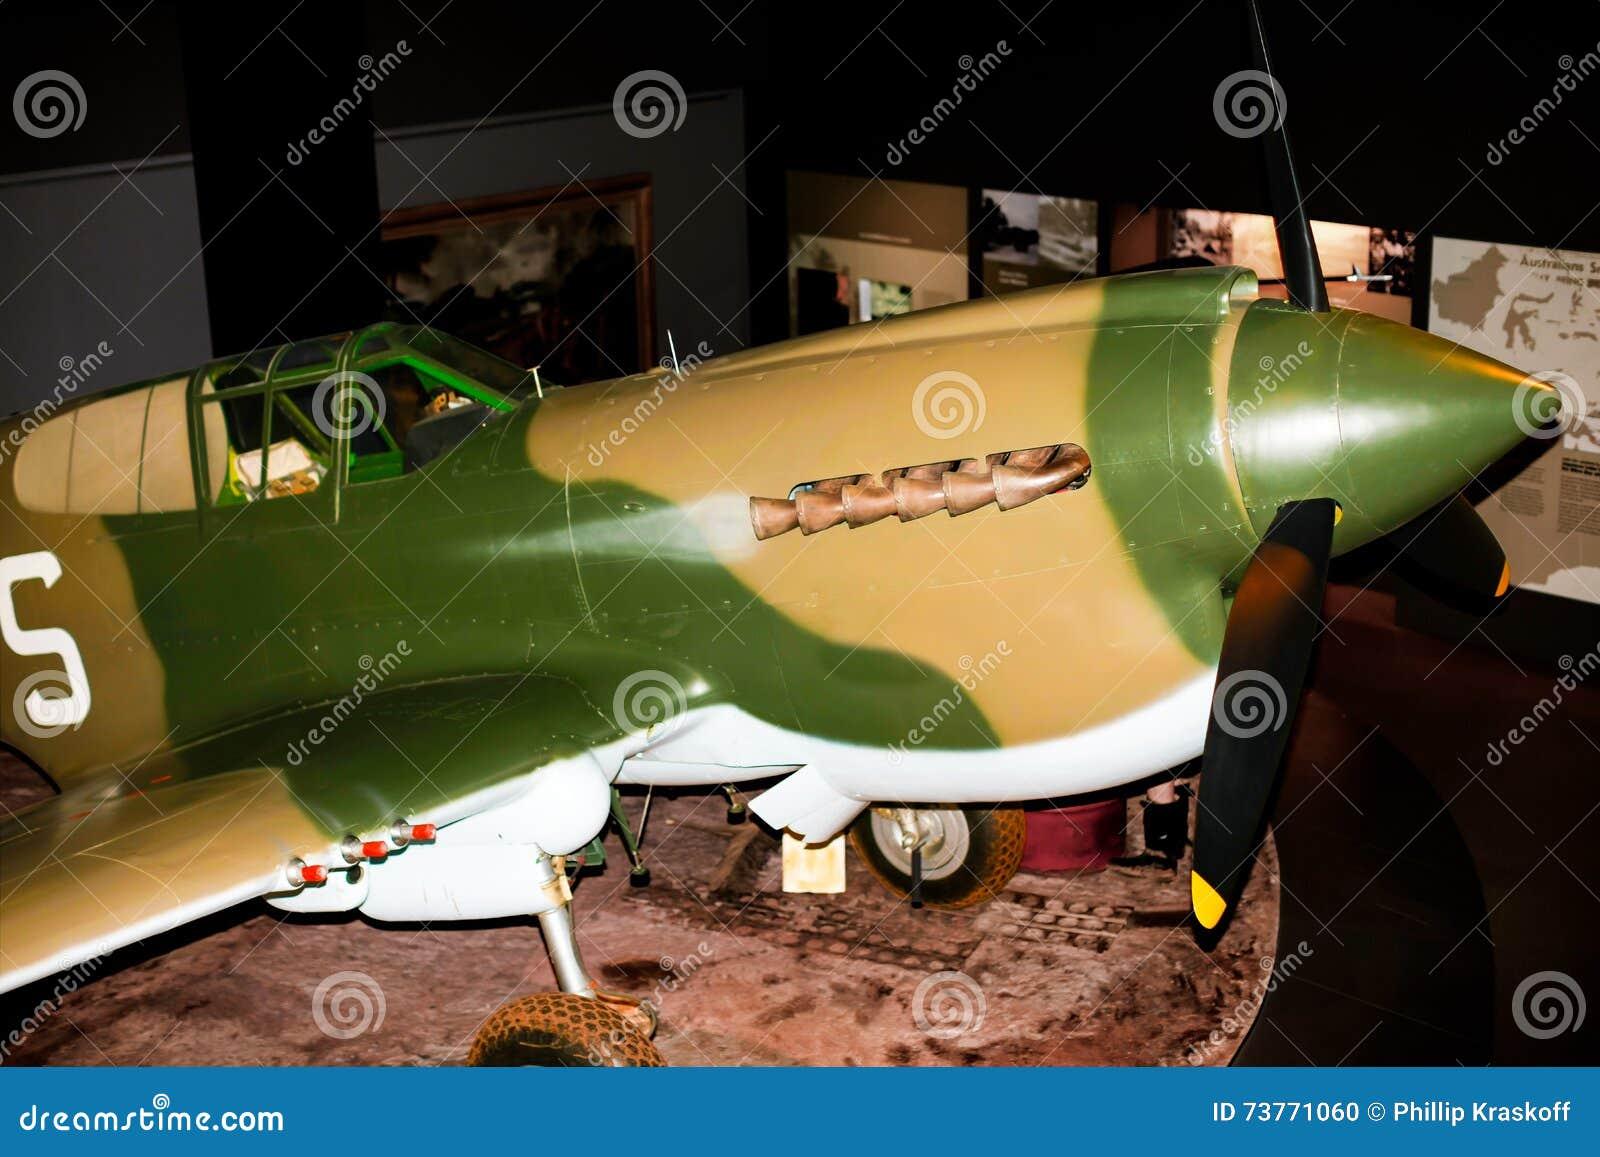 Aereo Da Caccia Americano : Aereo da caccia americano della seconda guerra mondiale